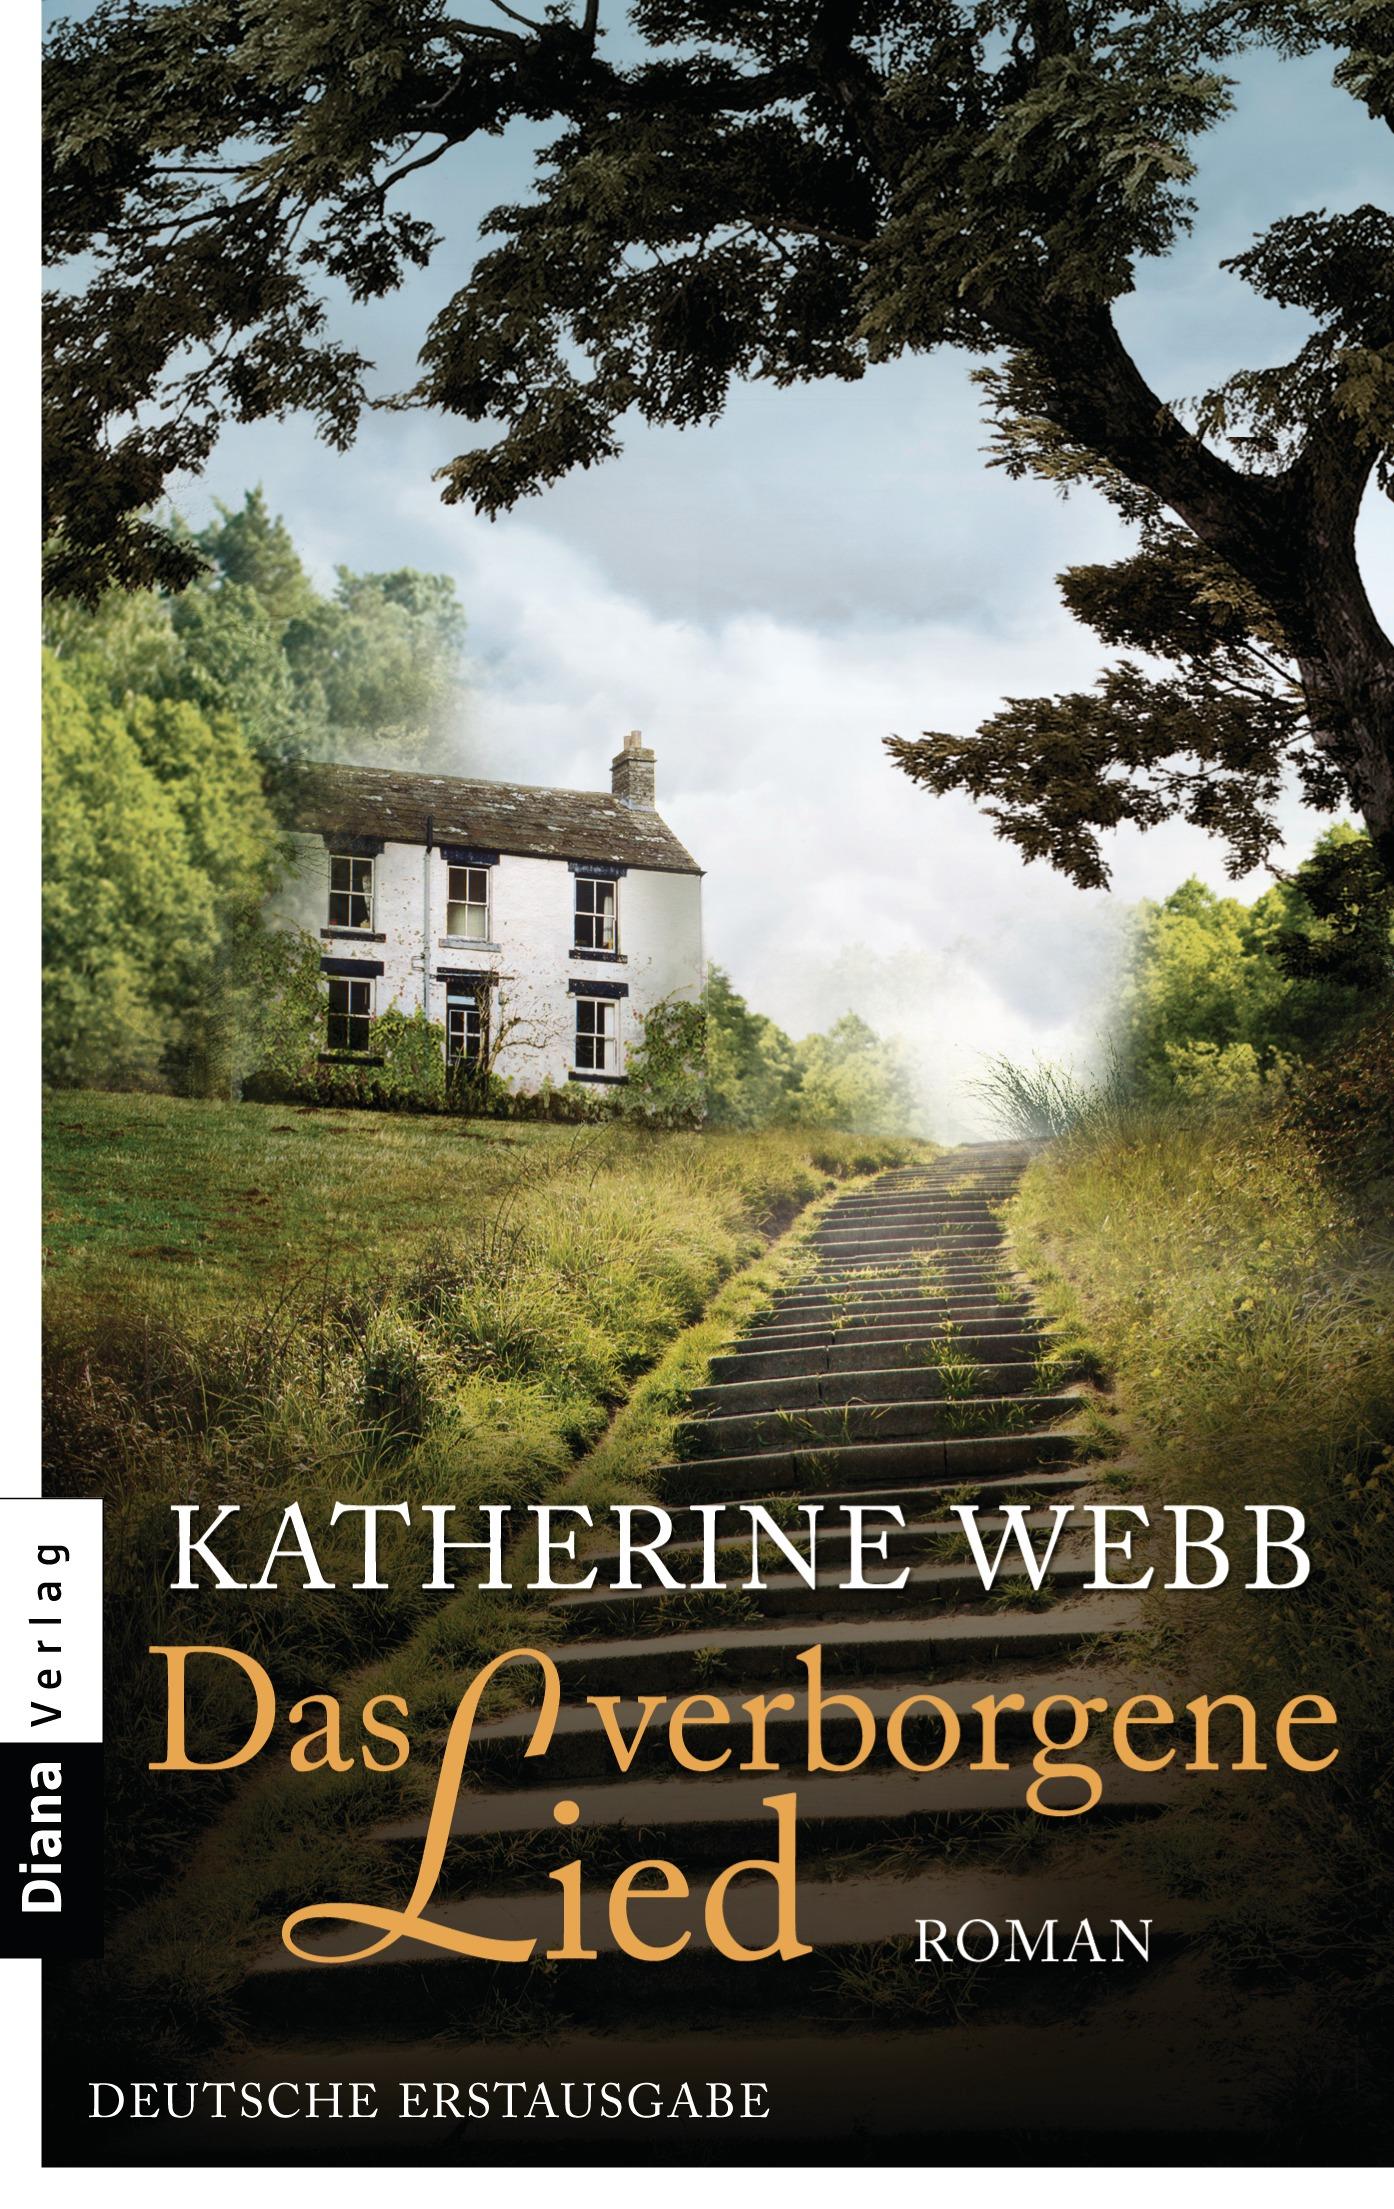 Das verborgene Lied - Katherine Webb